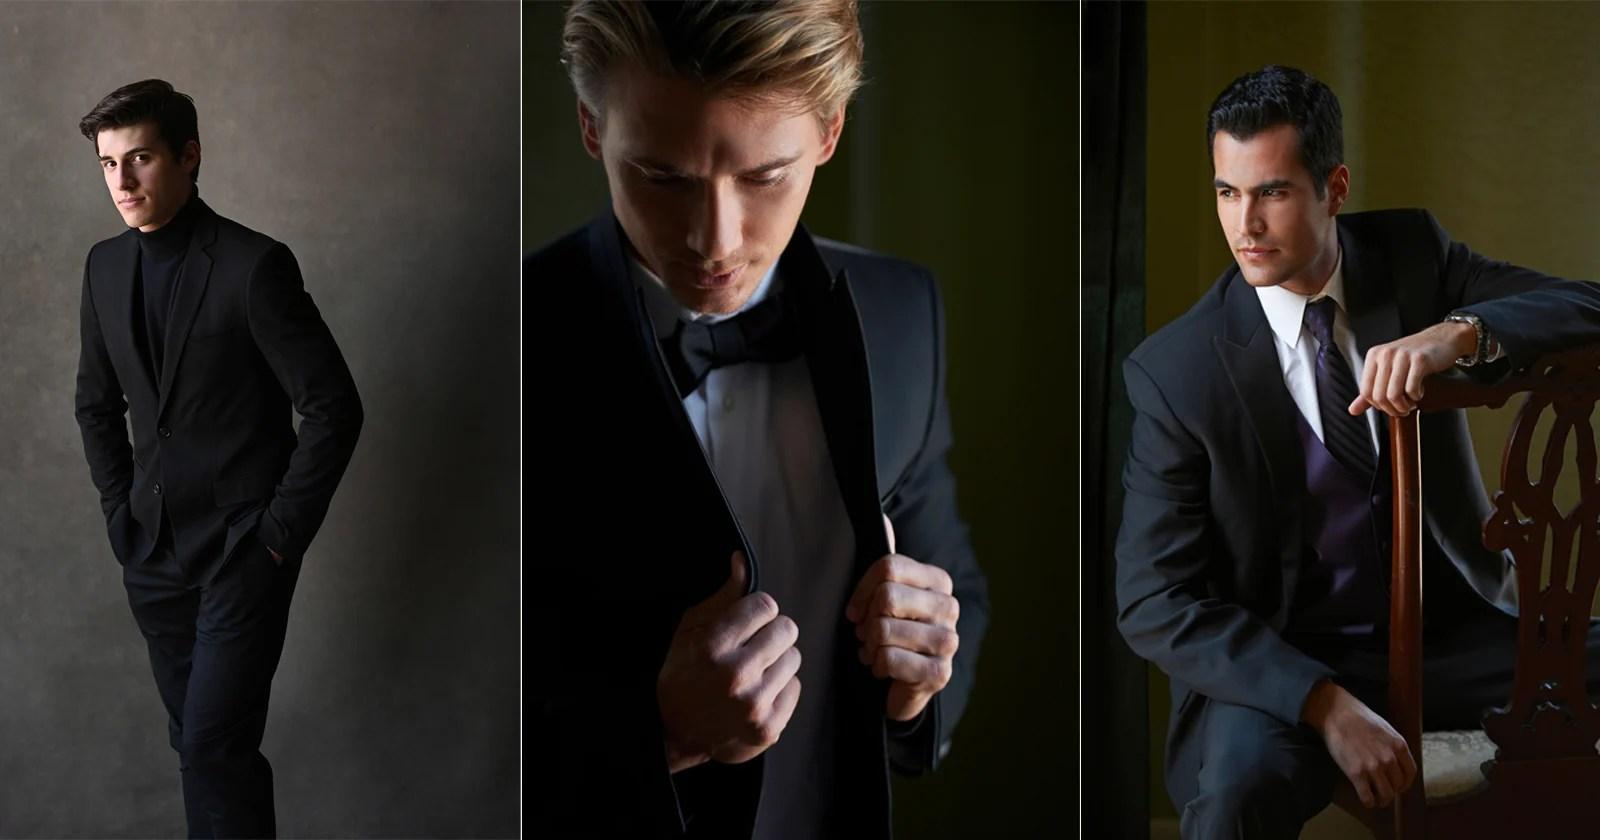 Come posare gli uomini per ritratti dall'aspetto naturale: un tutorial dettagliato